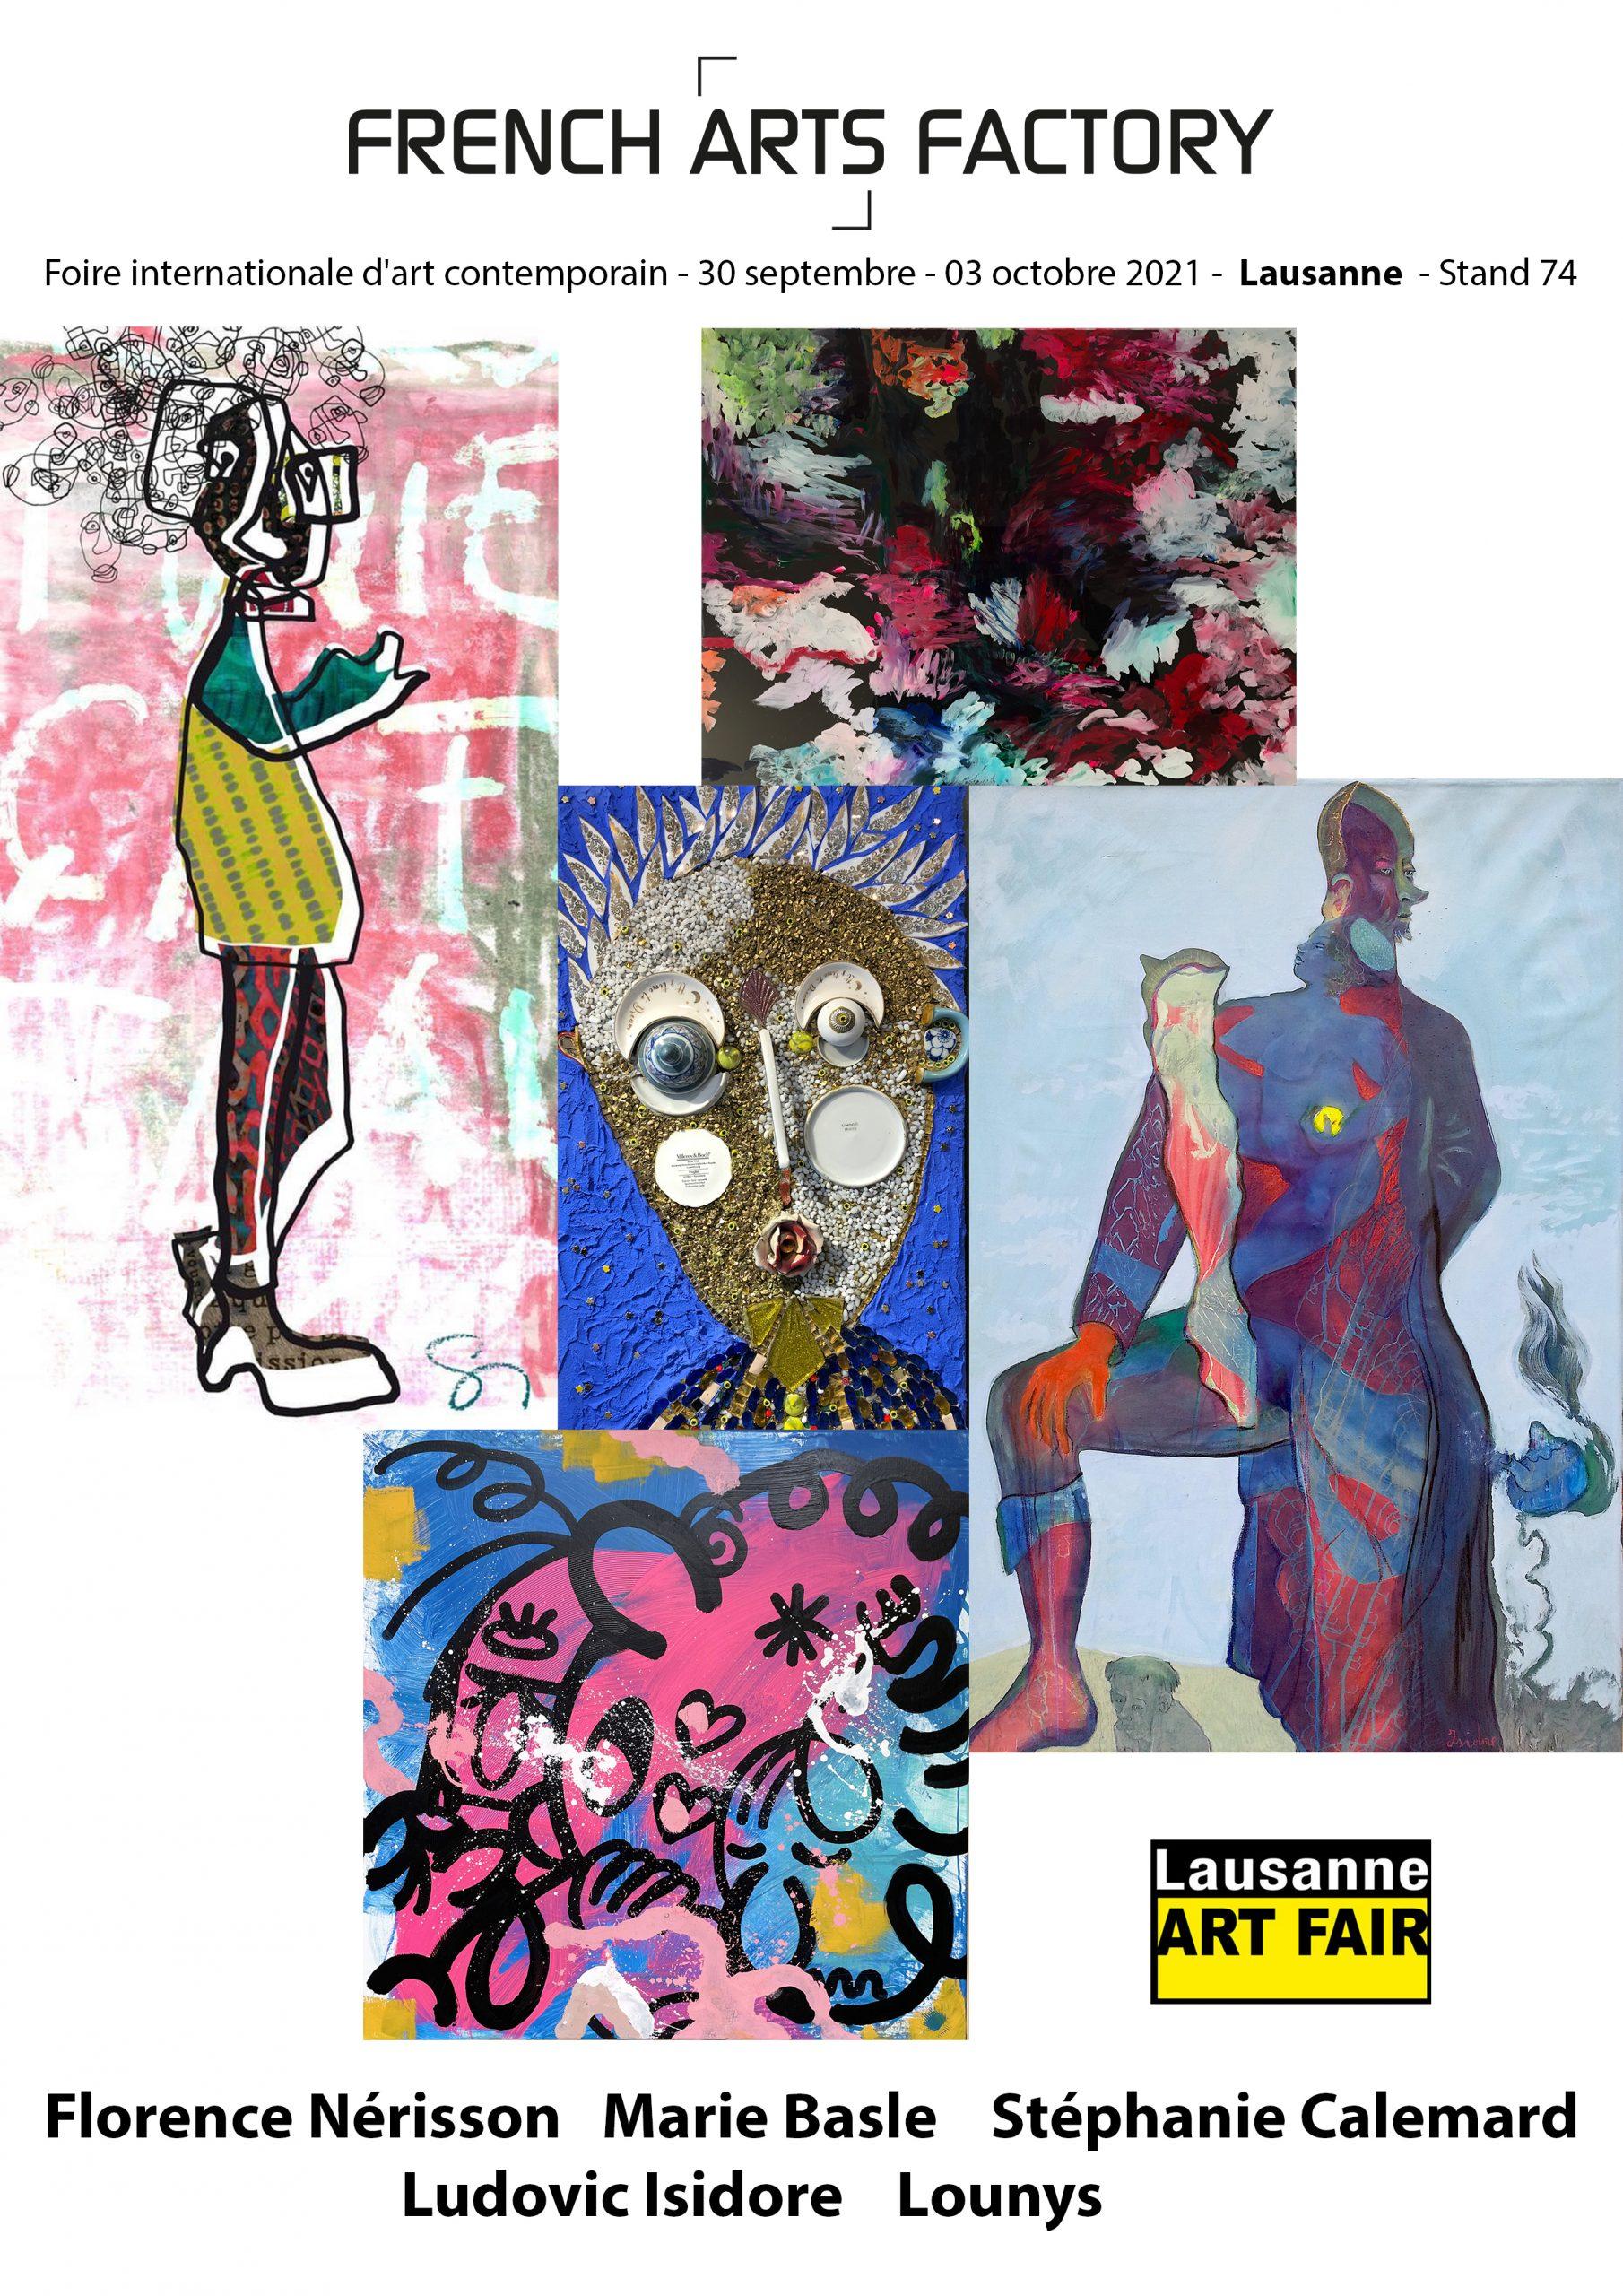 Lausanne Art Fair 2021